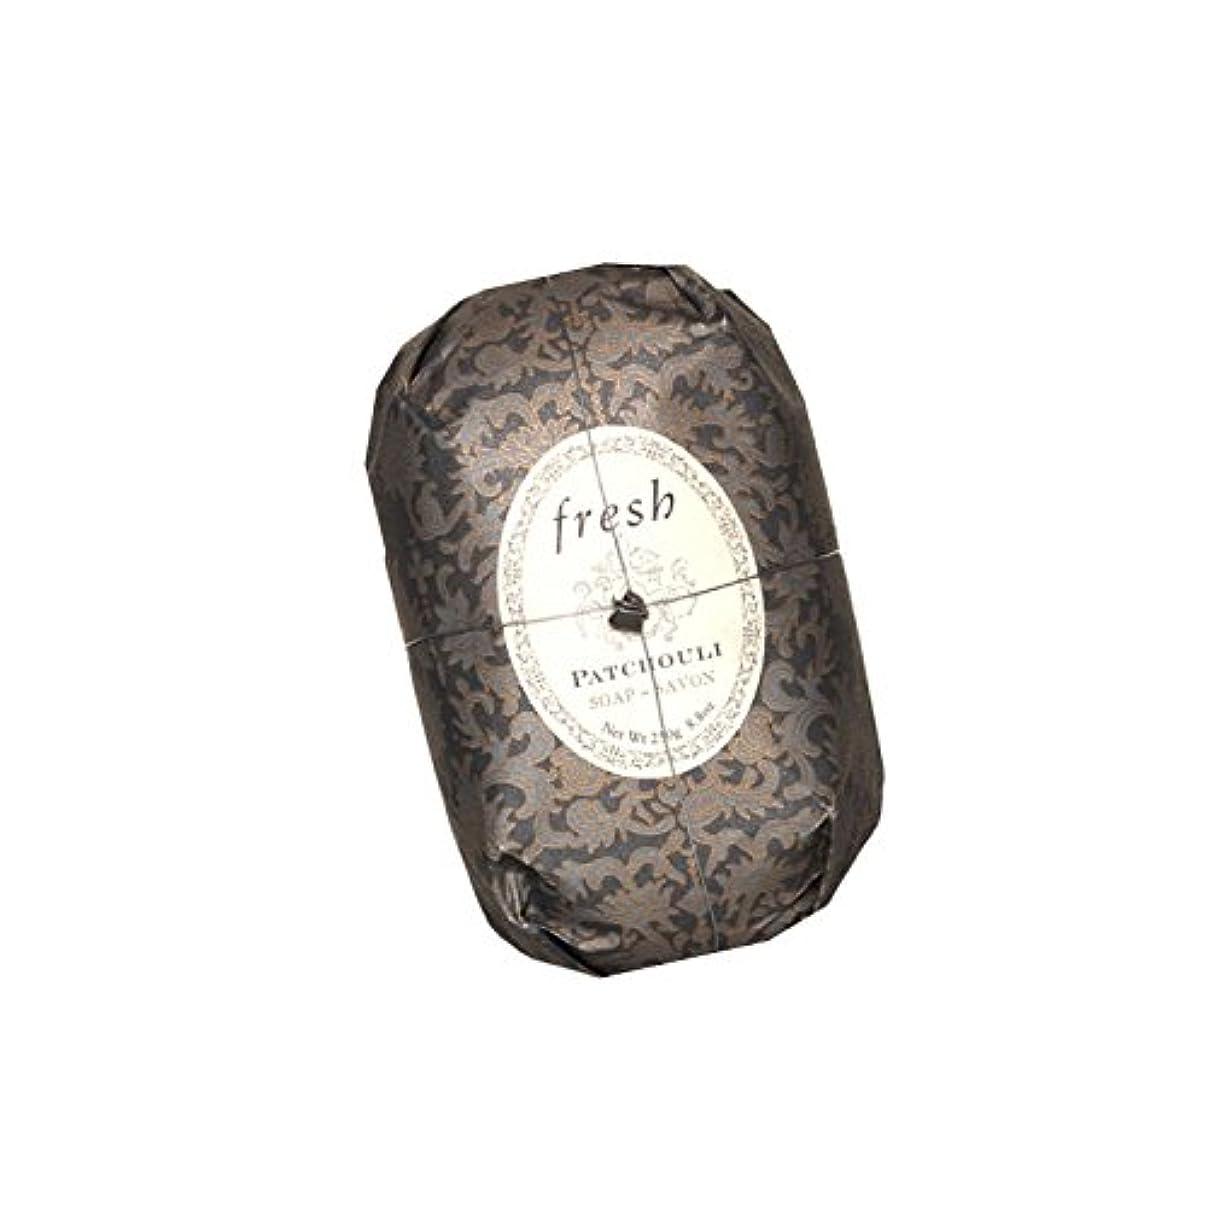 汚す従順な賃金Fresh フレッシュ Patchouli Soap 石鹸, 250g/8.8oz. [海外直送品] [並行輸入品]